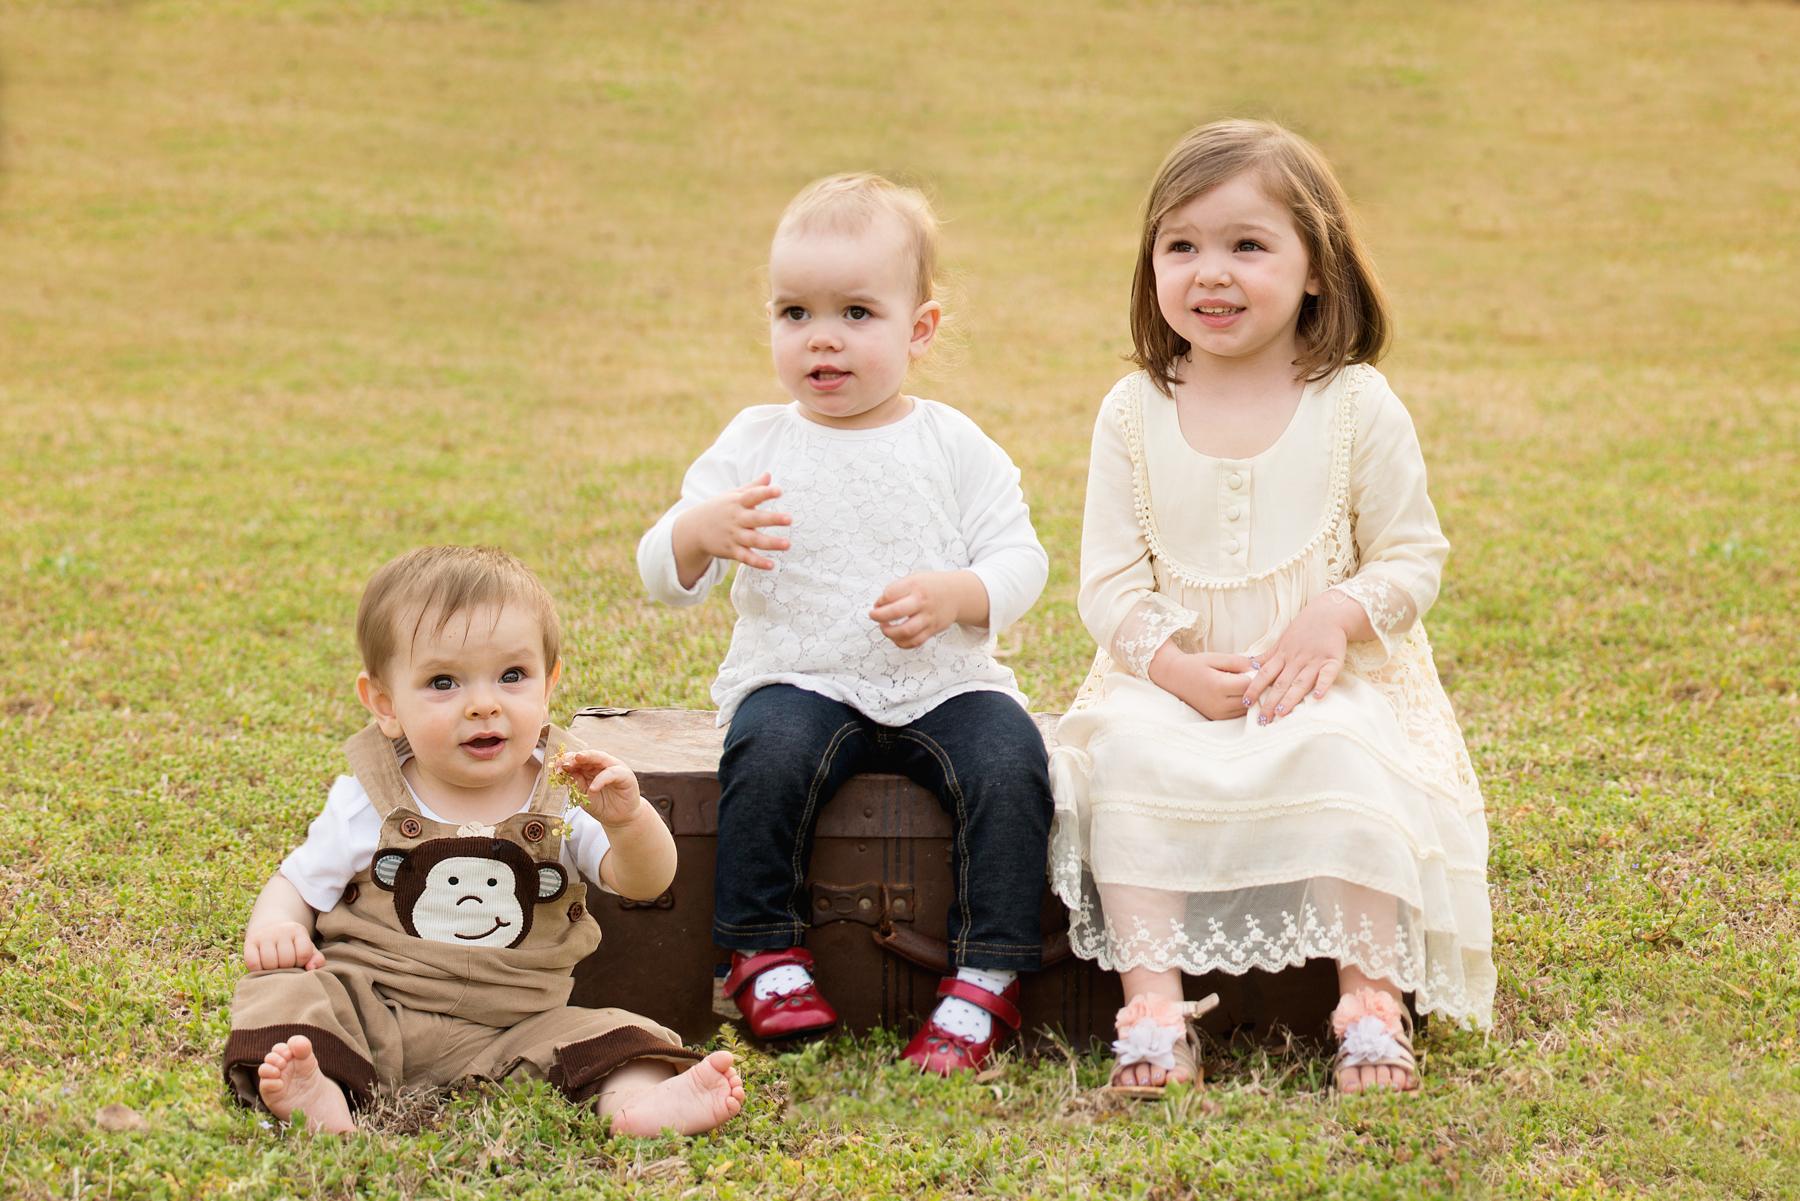 family_photographer-7.jpg